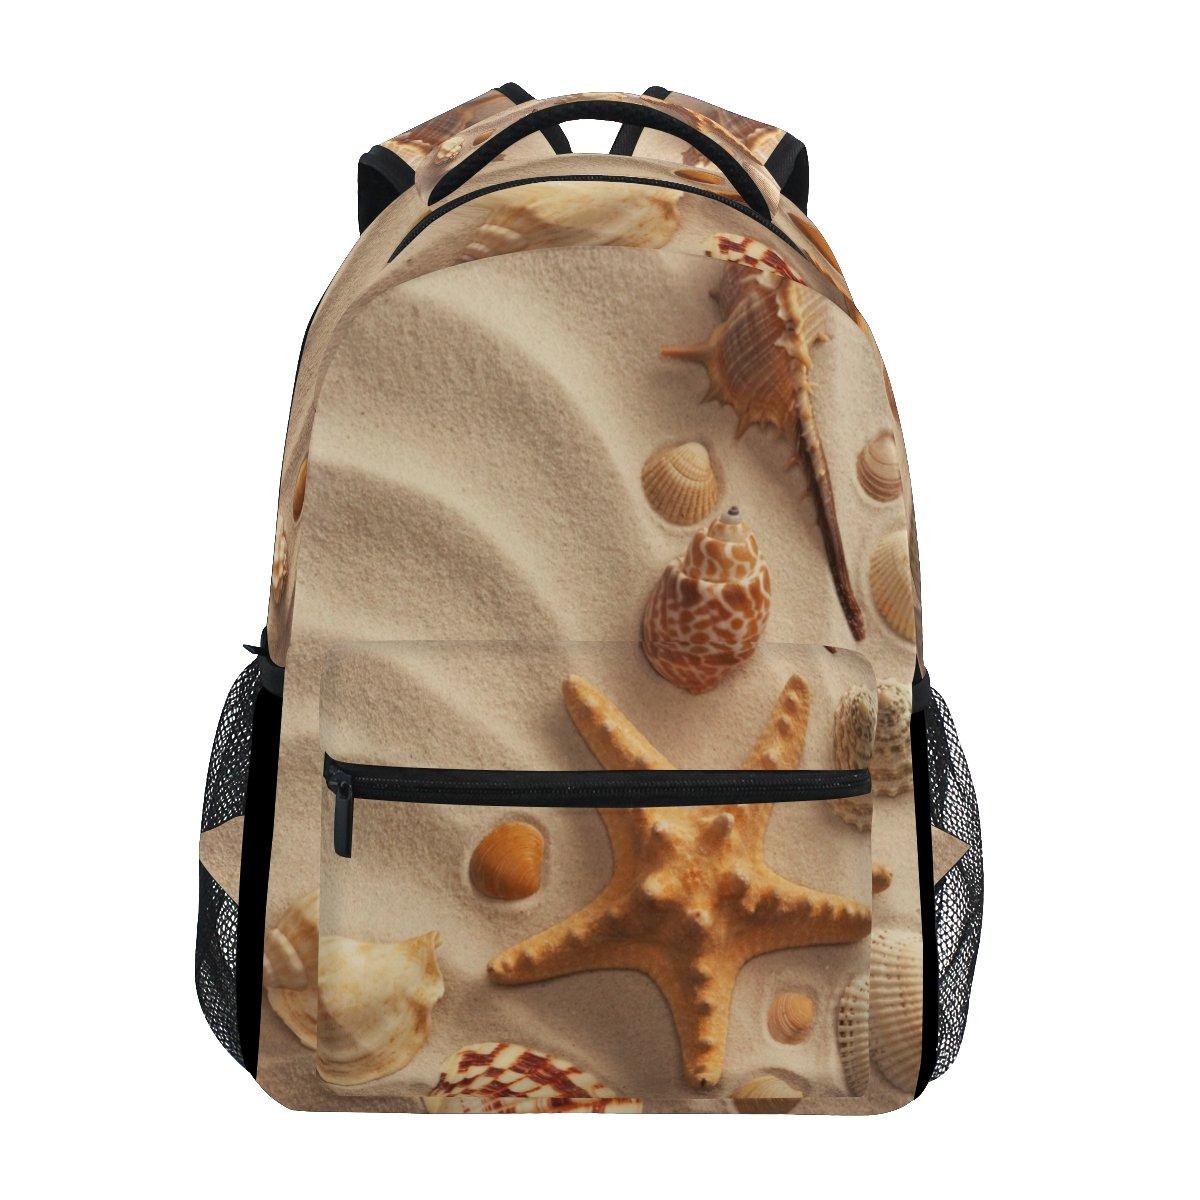 ファッション海シェルwith Sandバックパックショルダーバッグレディースガールズ旅行Holiday   B07FYC9JM9